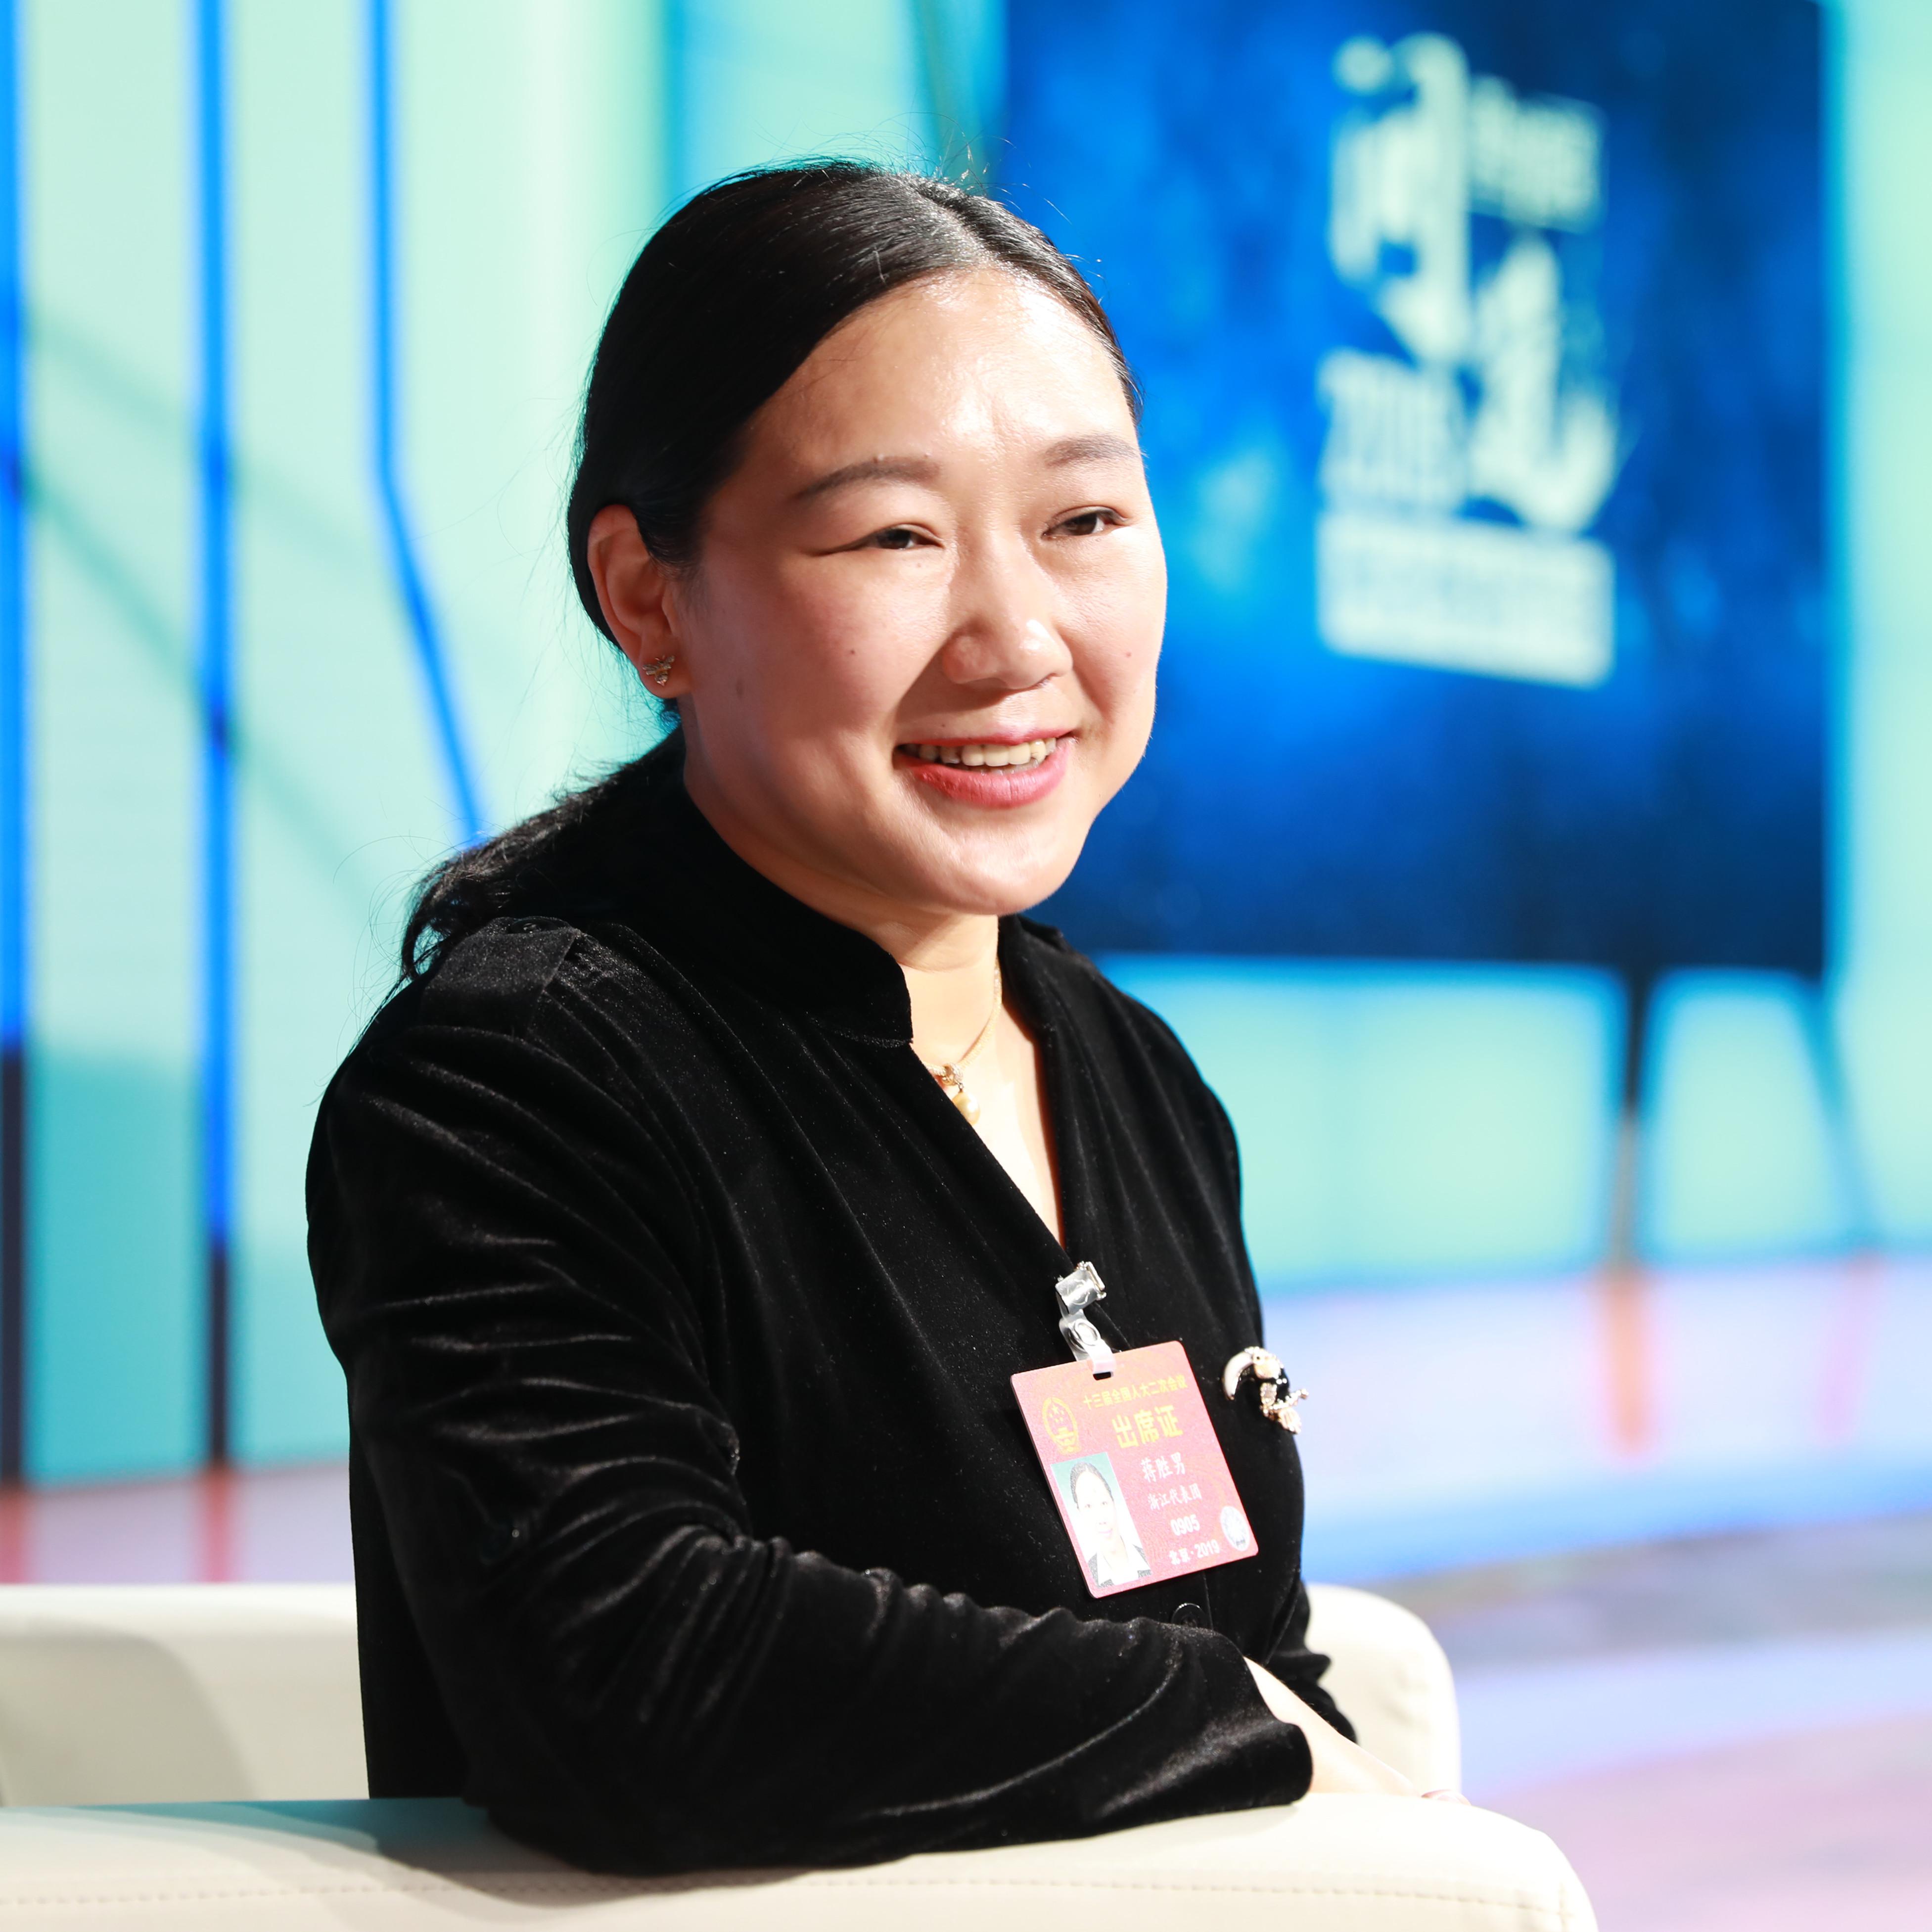 蒋胜男:中国网络文学读者破四亿